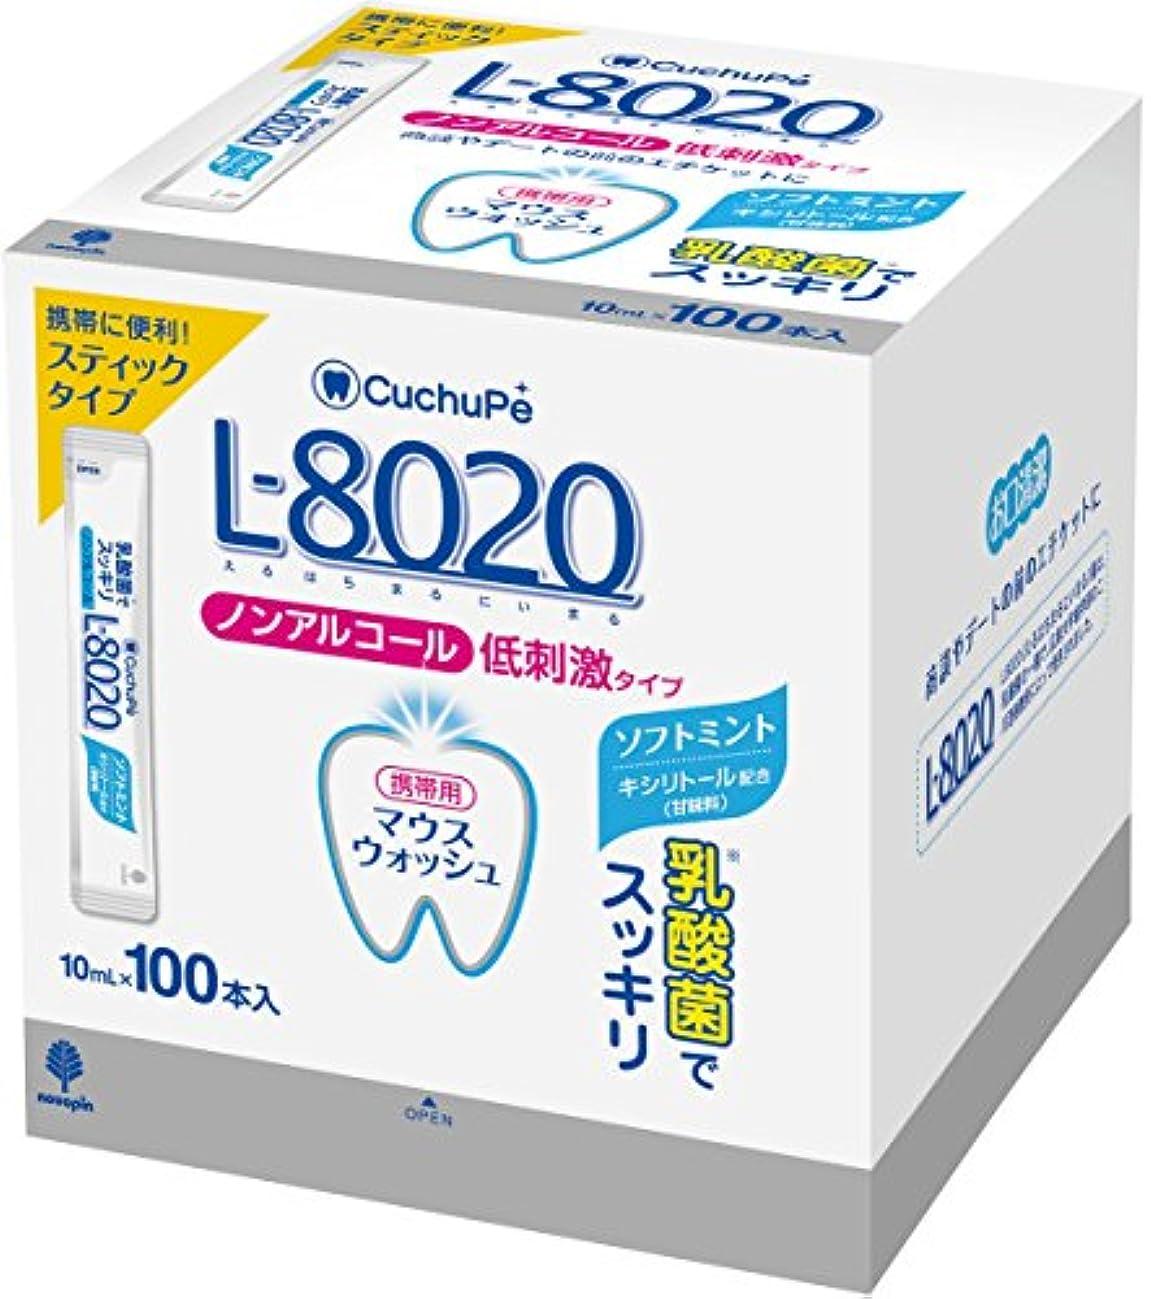 ラインナップ契約したはっきりとクチュッペ L-8020 マウスウォッシュ ソフトミント スティックタイプ 100本入